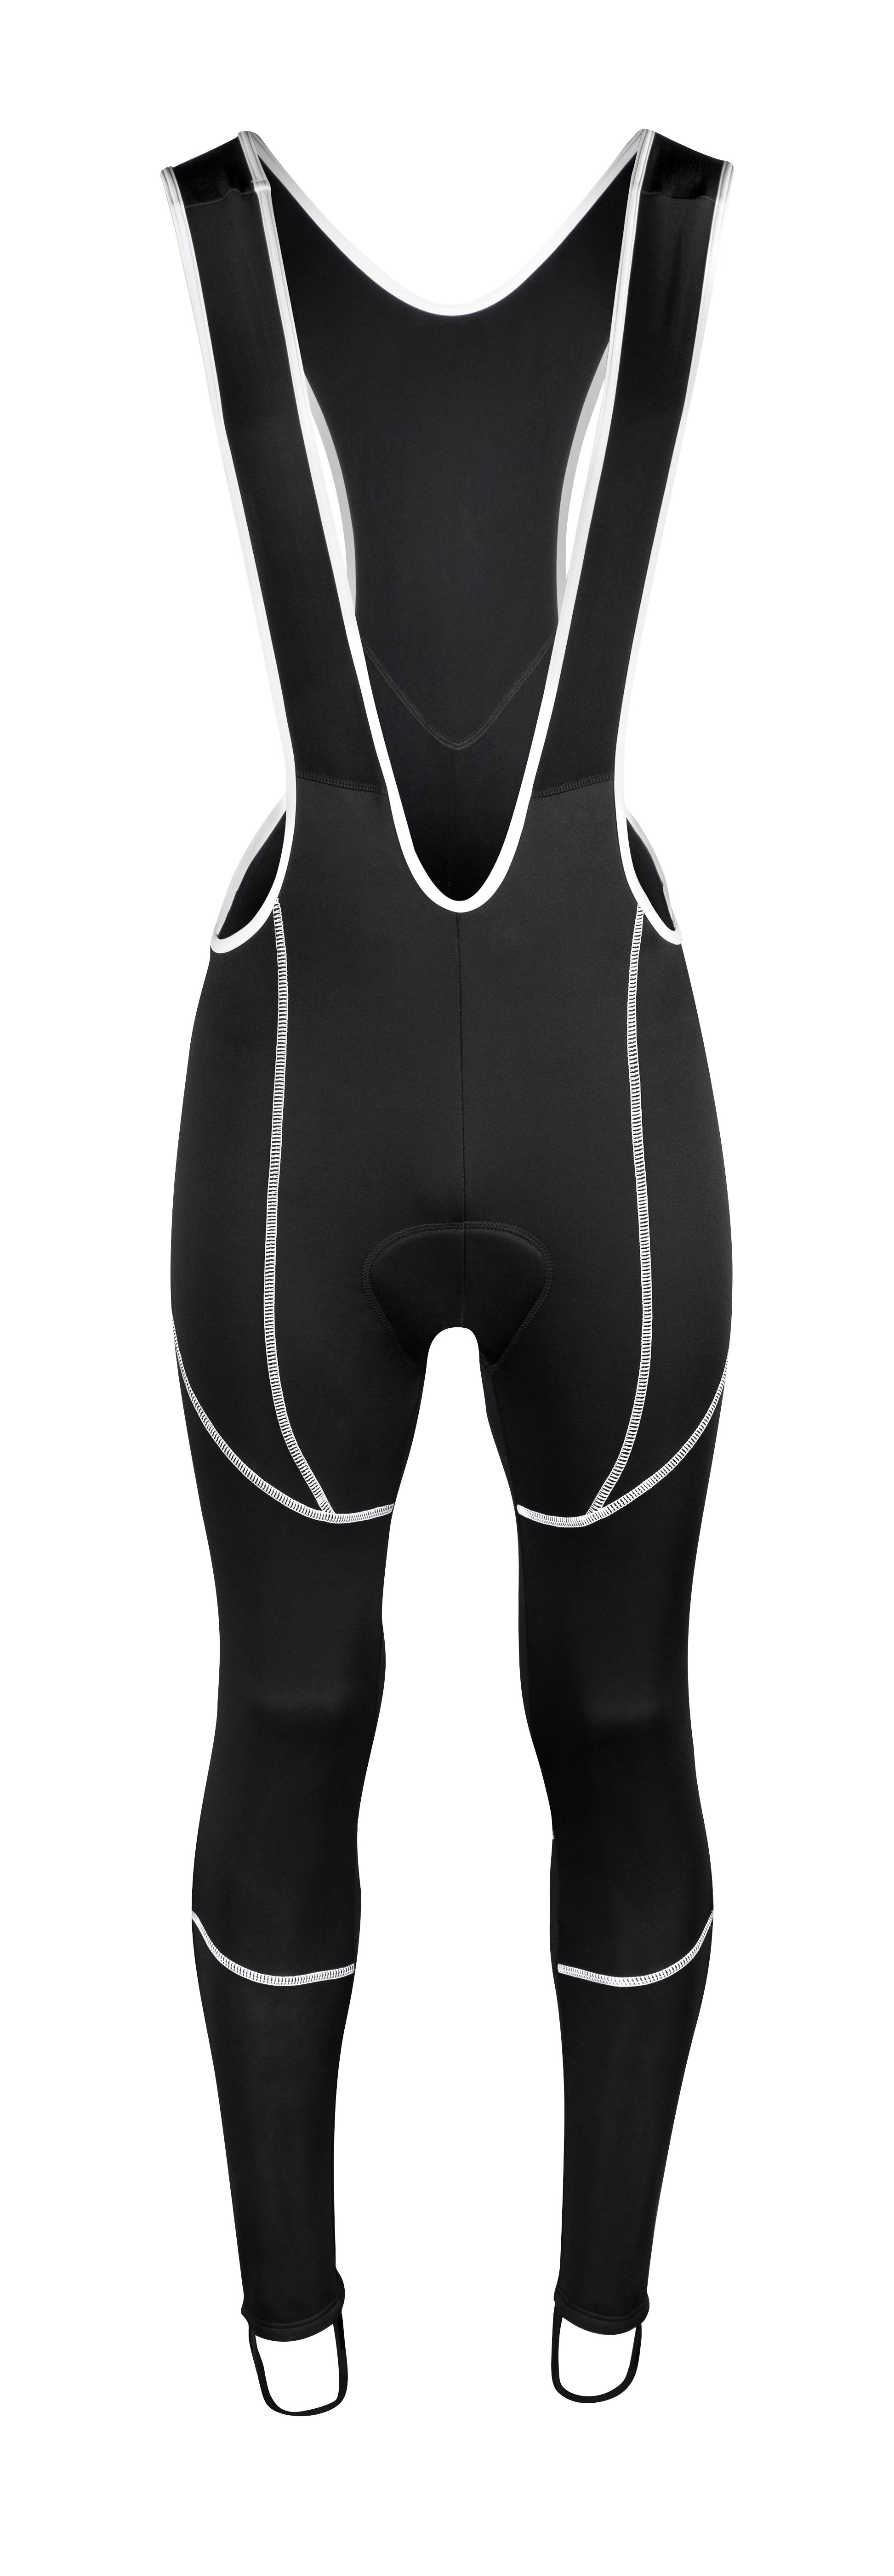 kalhoty F Z70 SOFTSHELL se šráky s vložkou XL